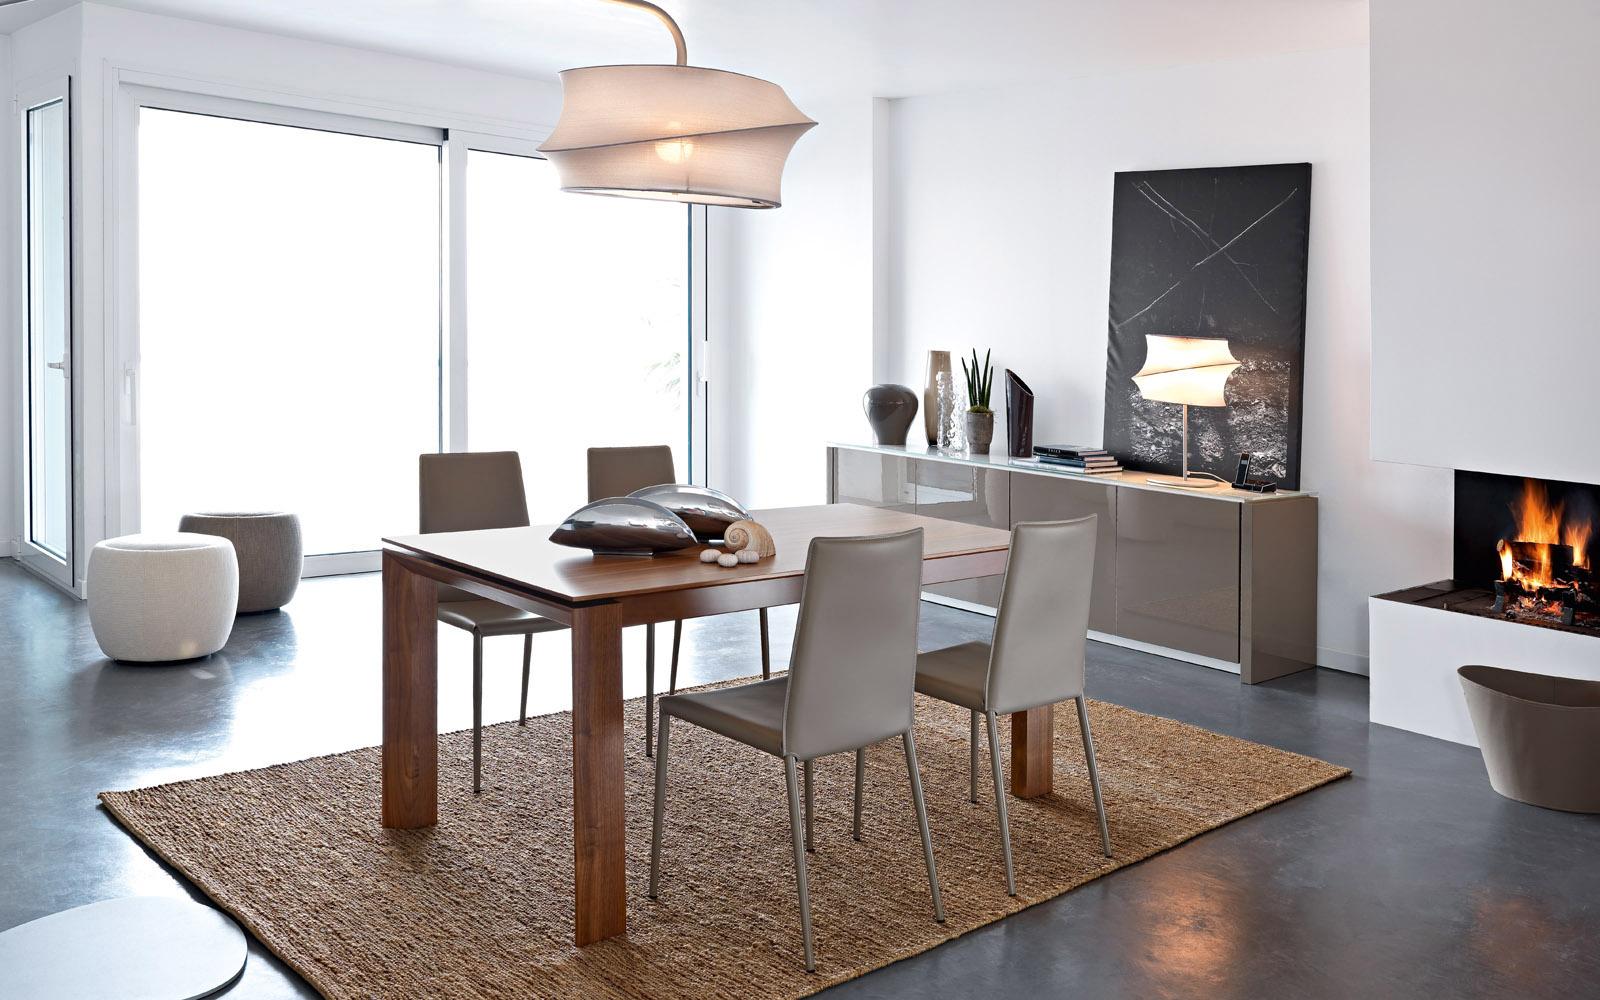 come scegliere il tavolo da pranzo perfetto casa di stile ForTavolo Omnia Calligaris